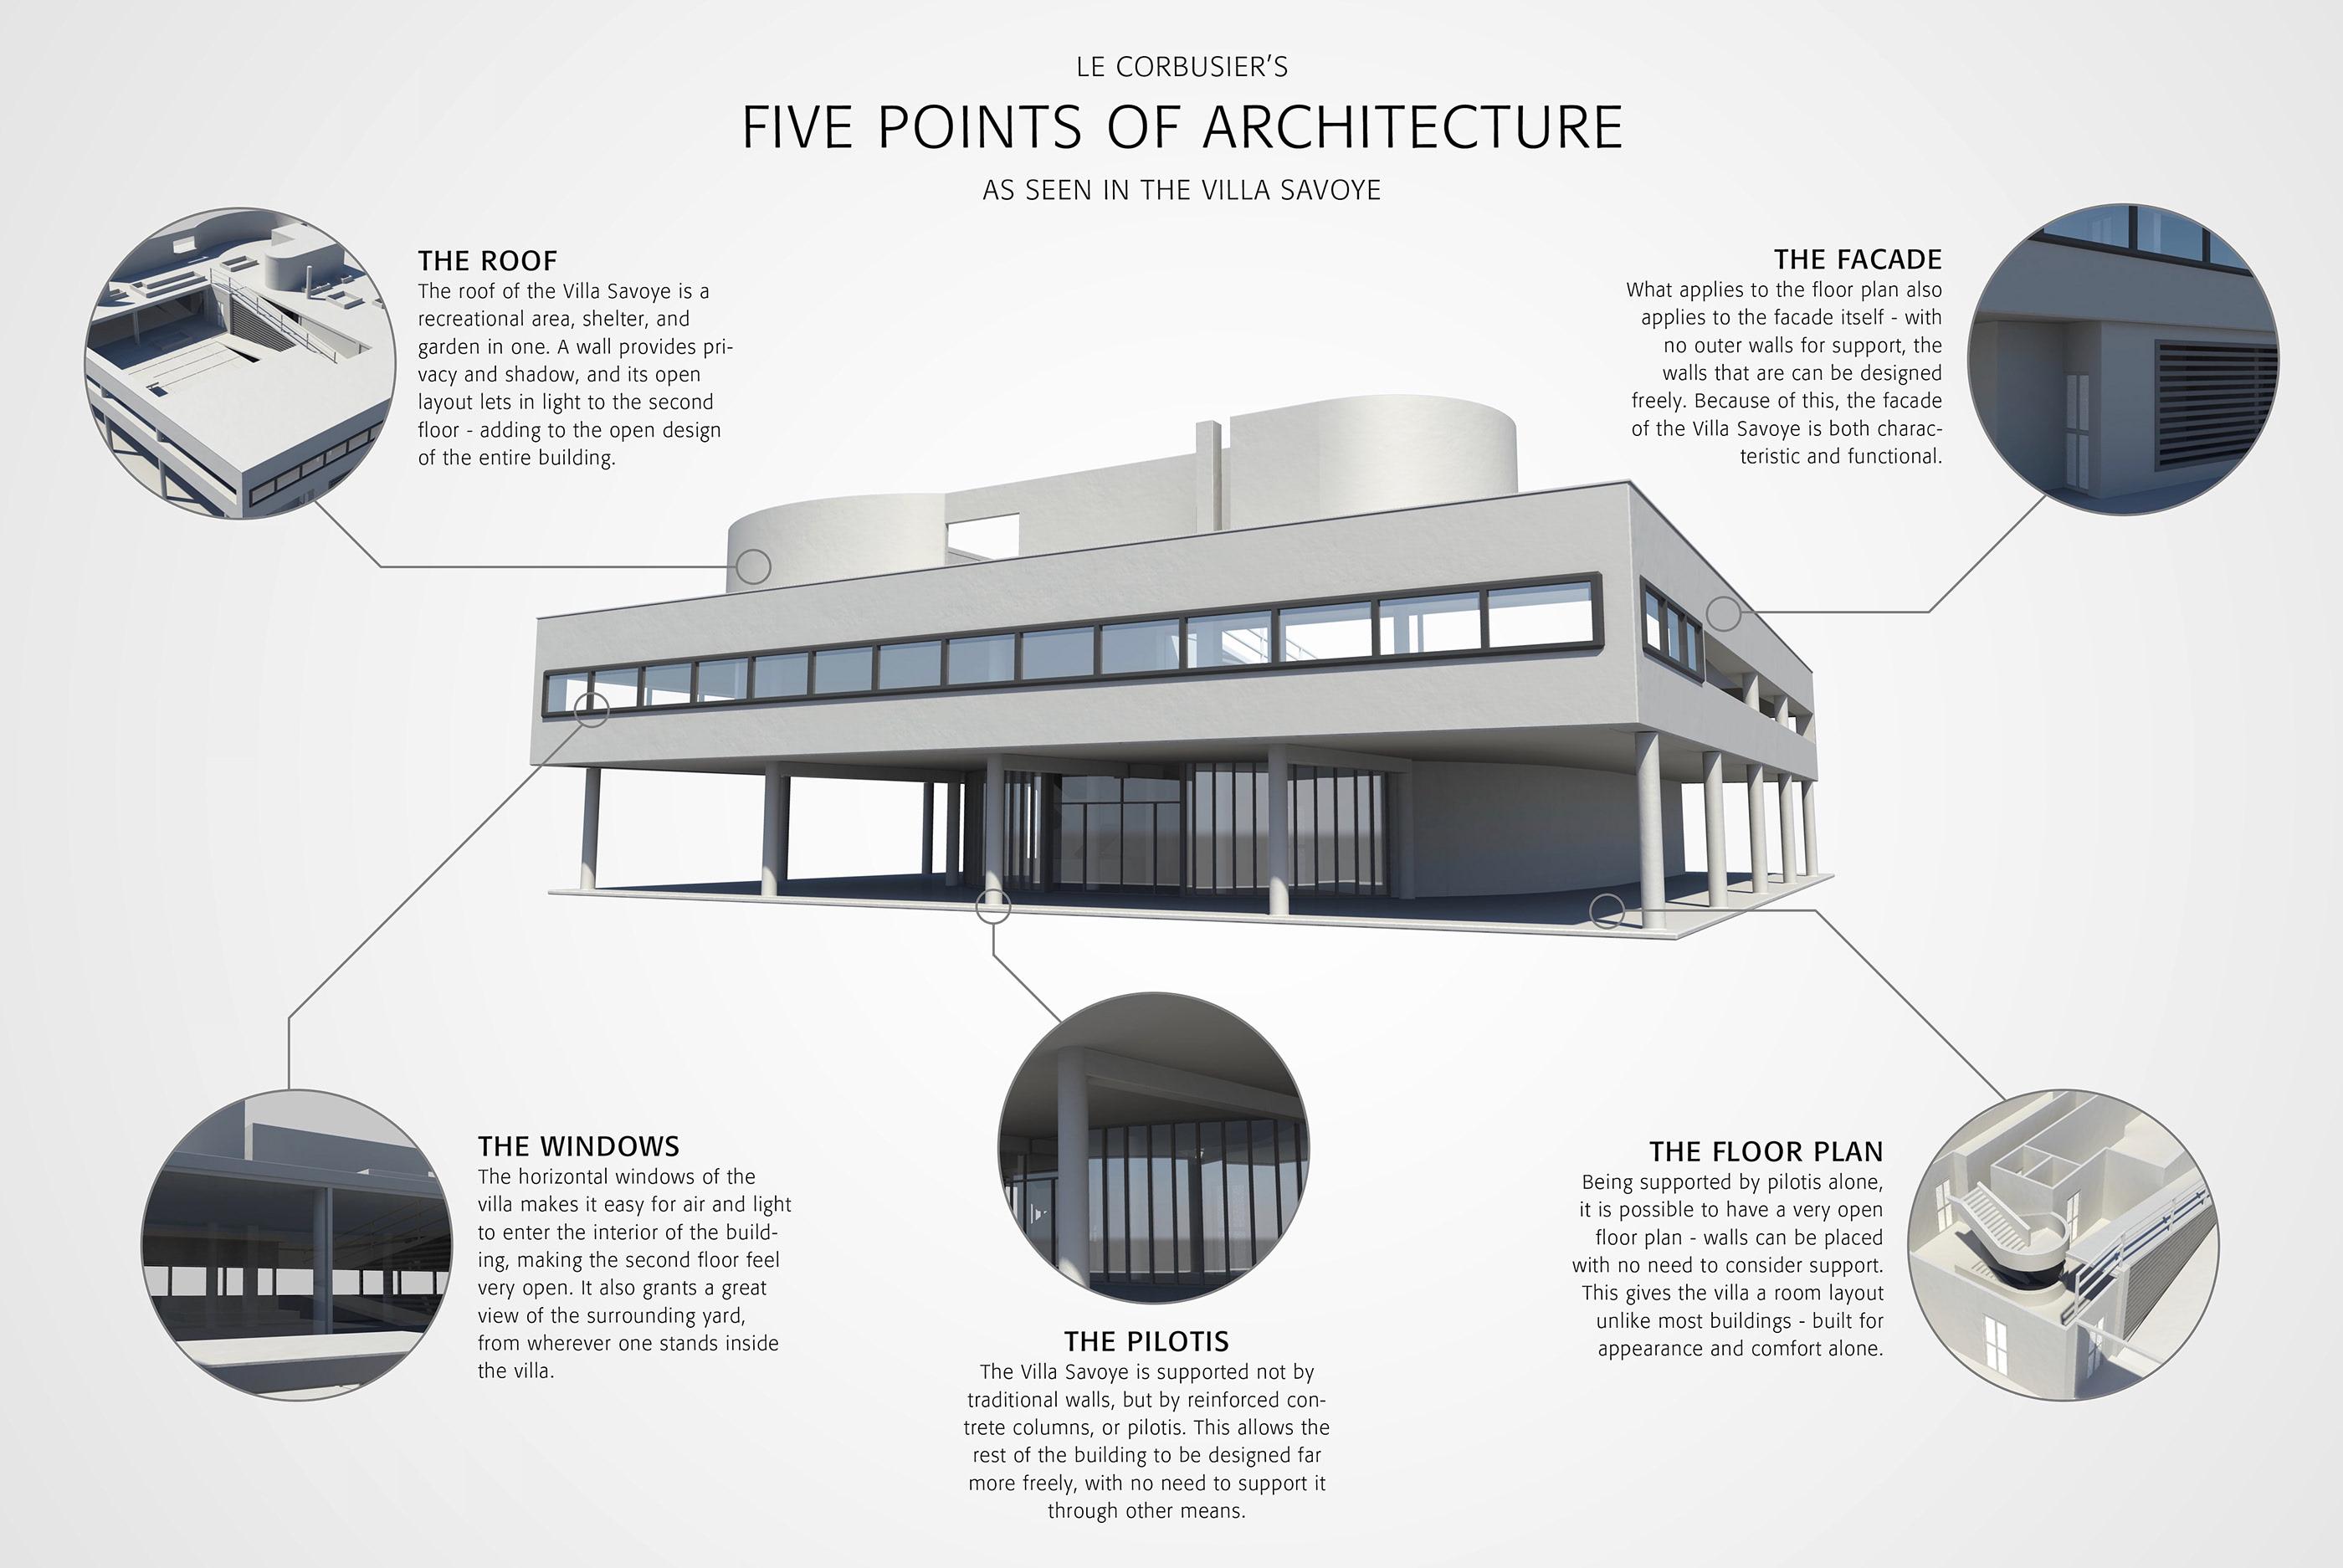 Le Corbusier Les 5 Points le corbusier 5 points of architecture on behance